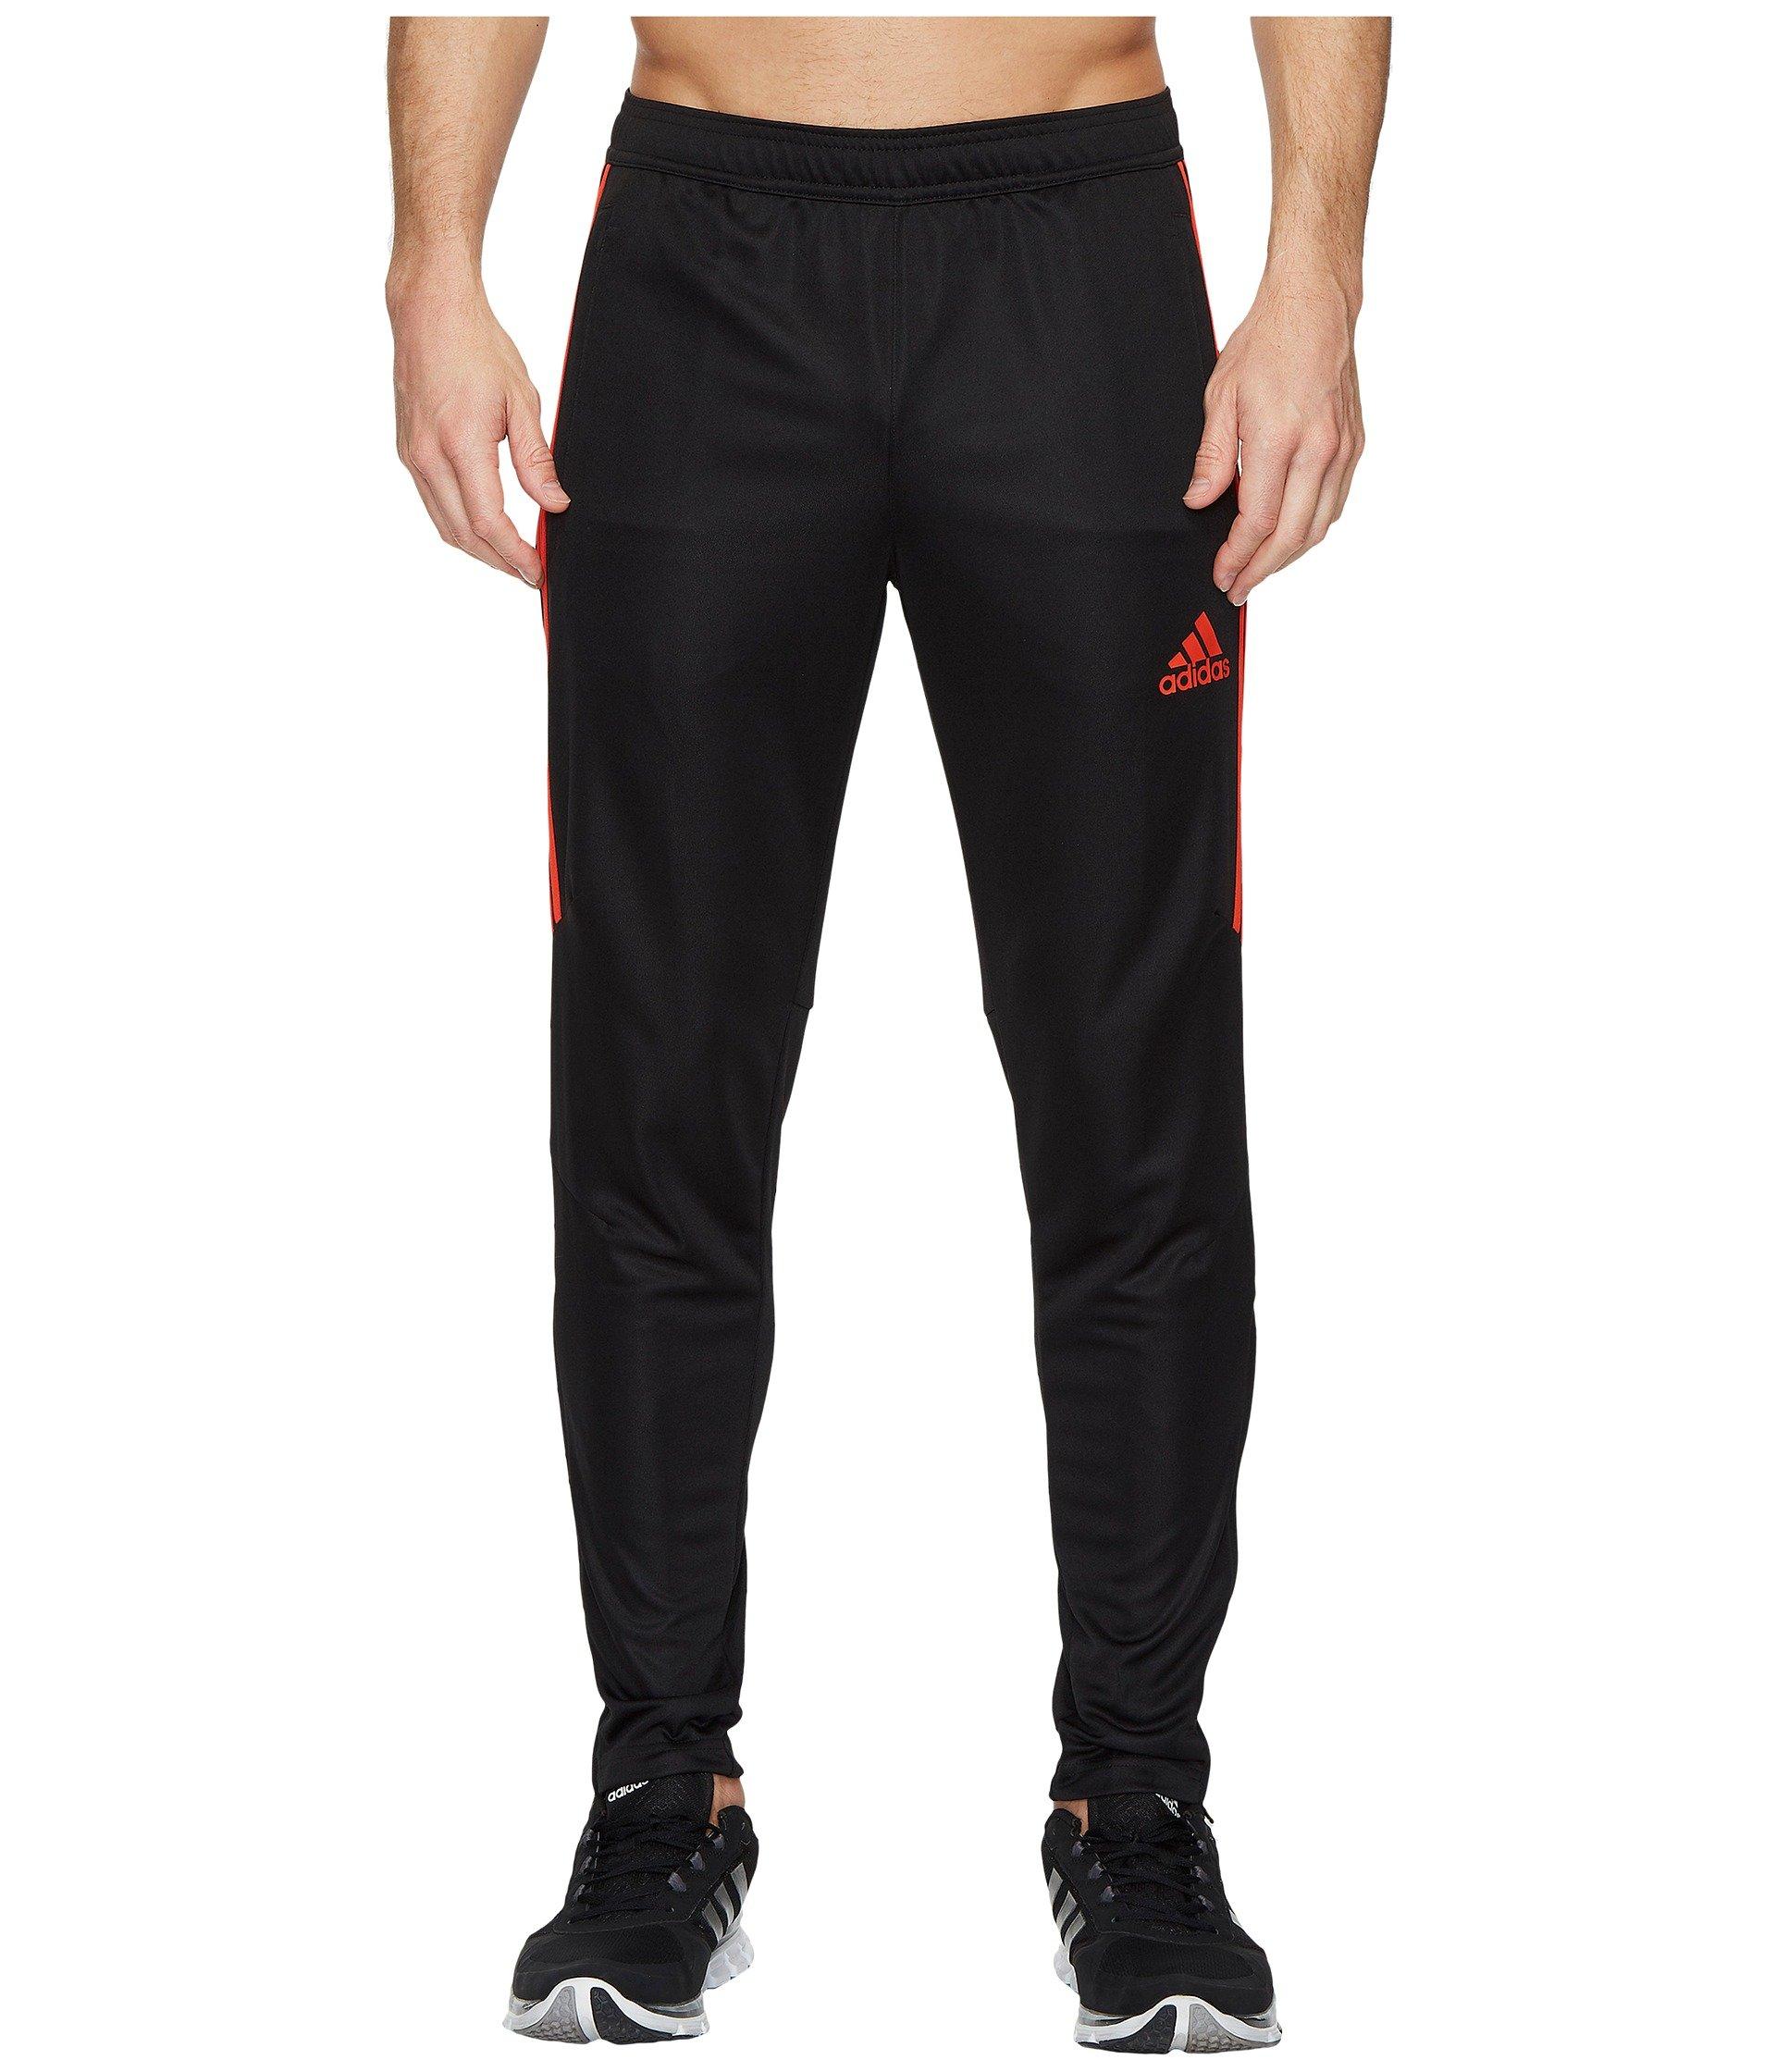 adidas Mens Tiro17 TRG Pant, Black/Red, Small